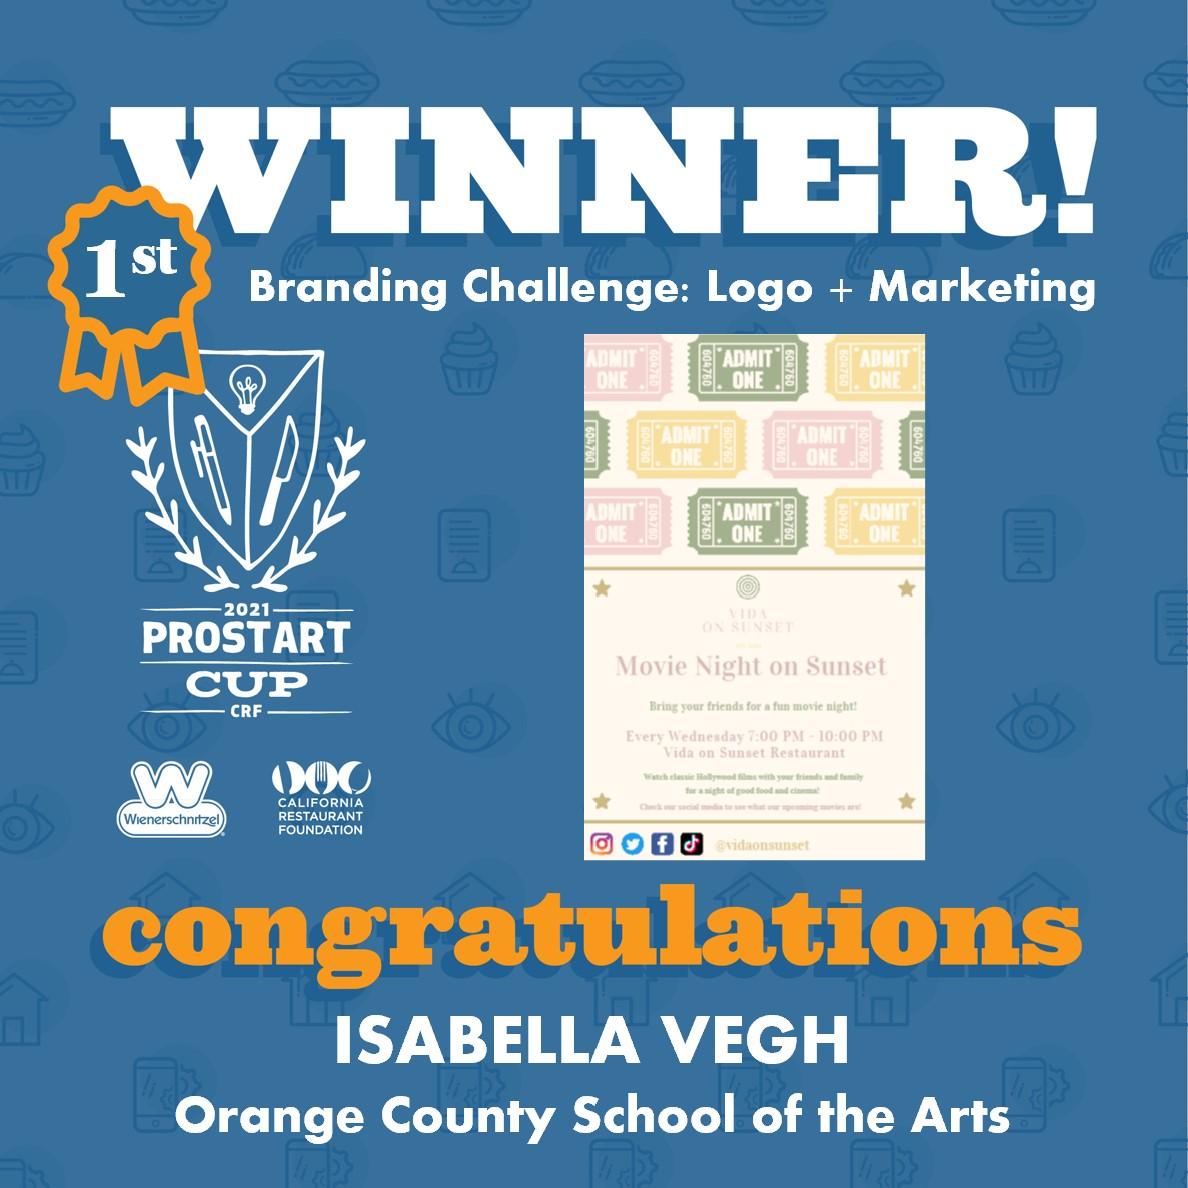 2021 ProStart Winner - Branding Challenge: Logo + Marketing - 1st Place